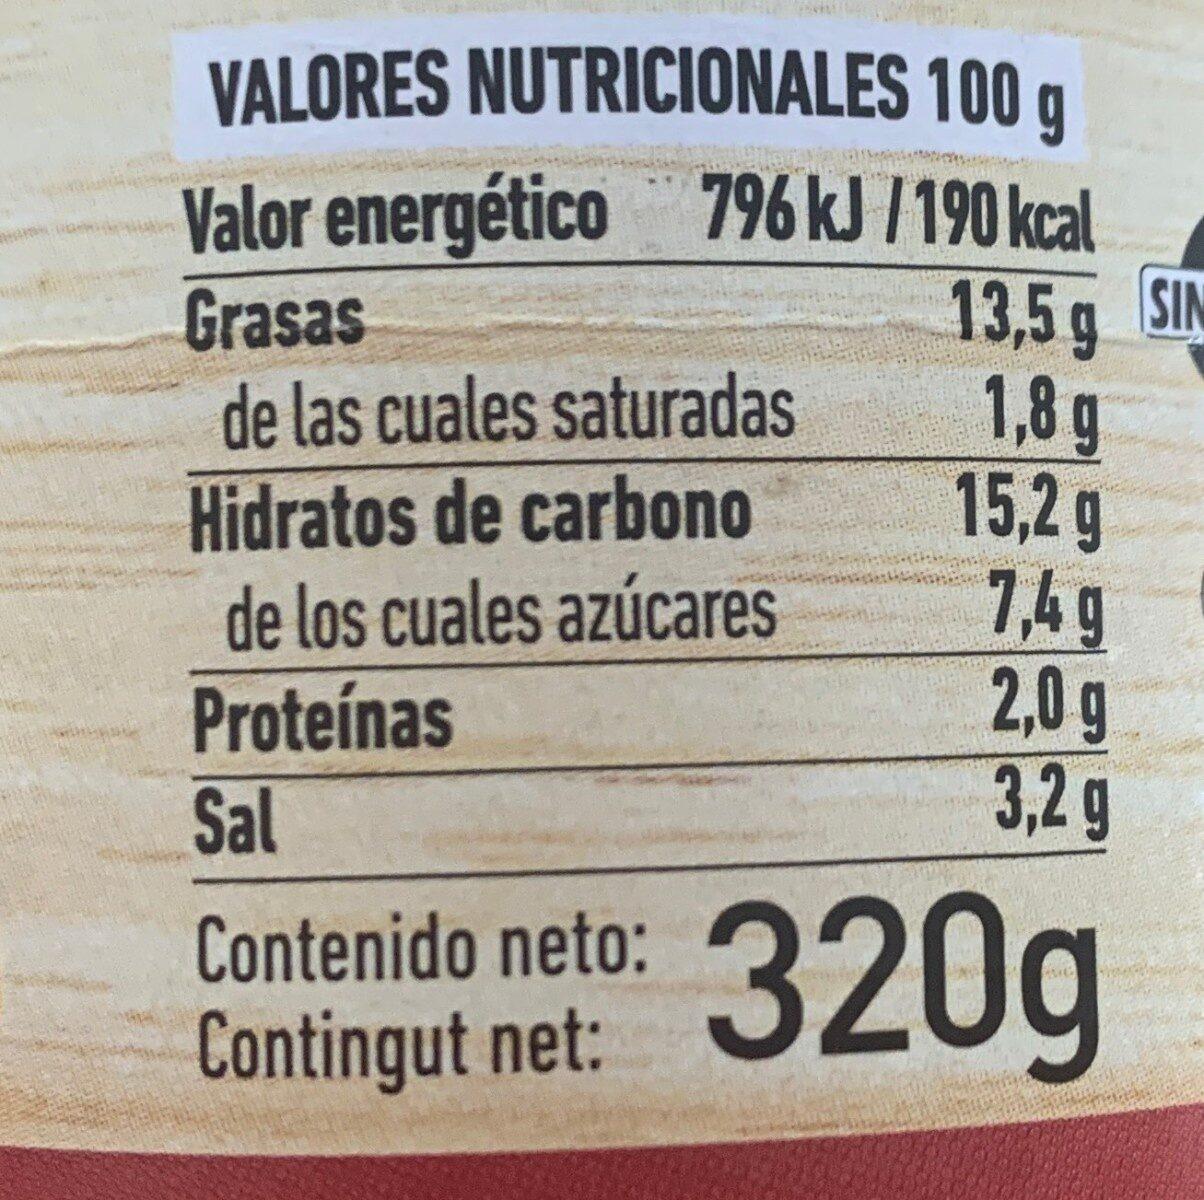 Salsa Brava Ferrer 320G - Información nutricional - es